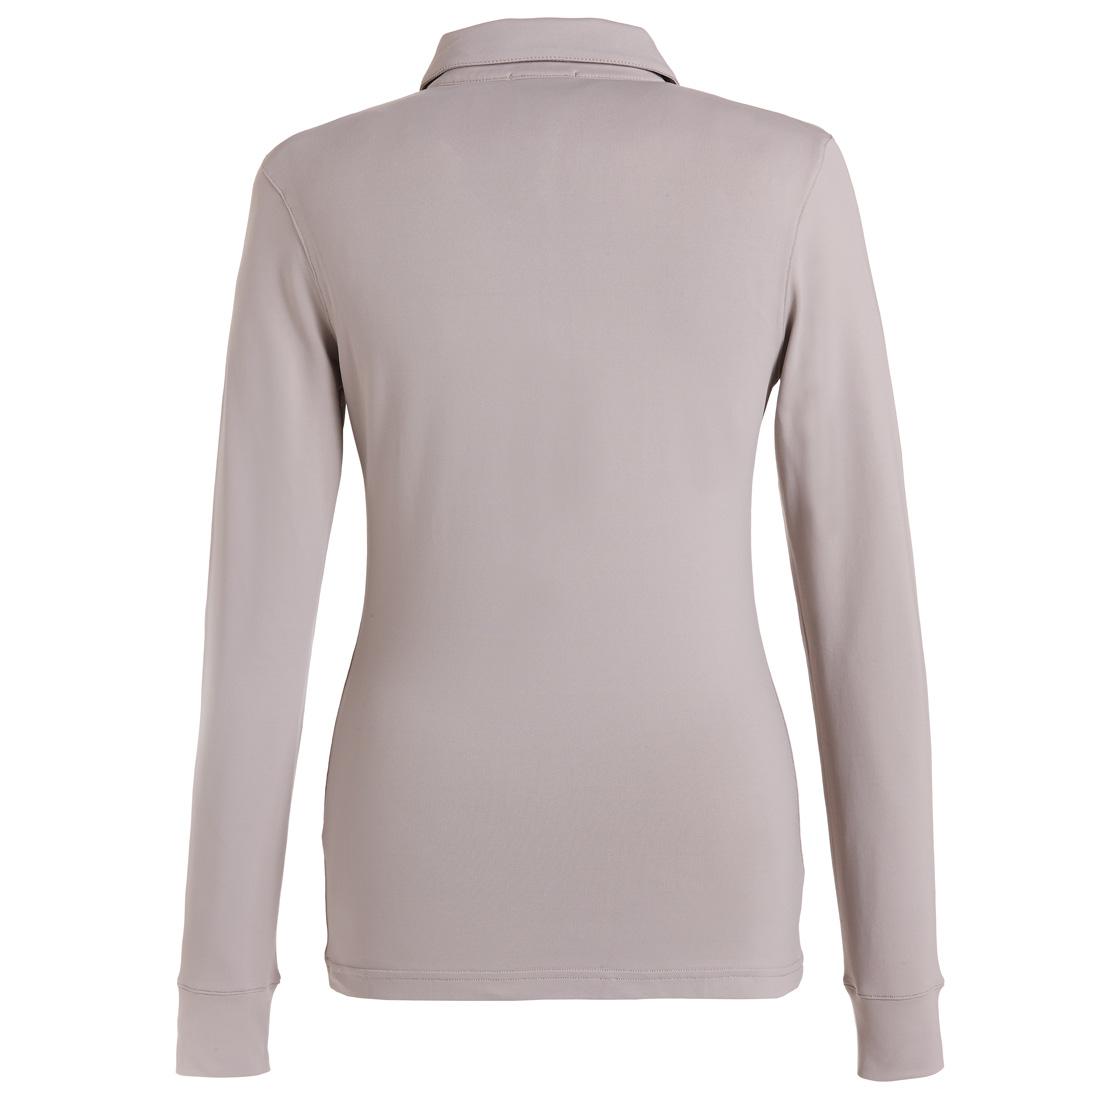 Dry Comfort Shirt (gebürstet) Beige